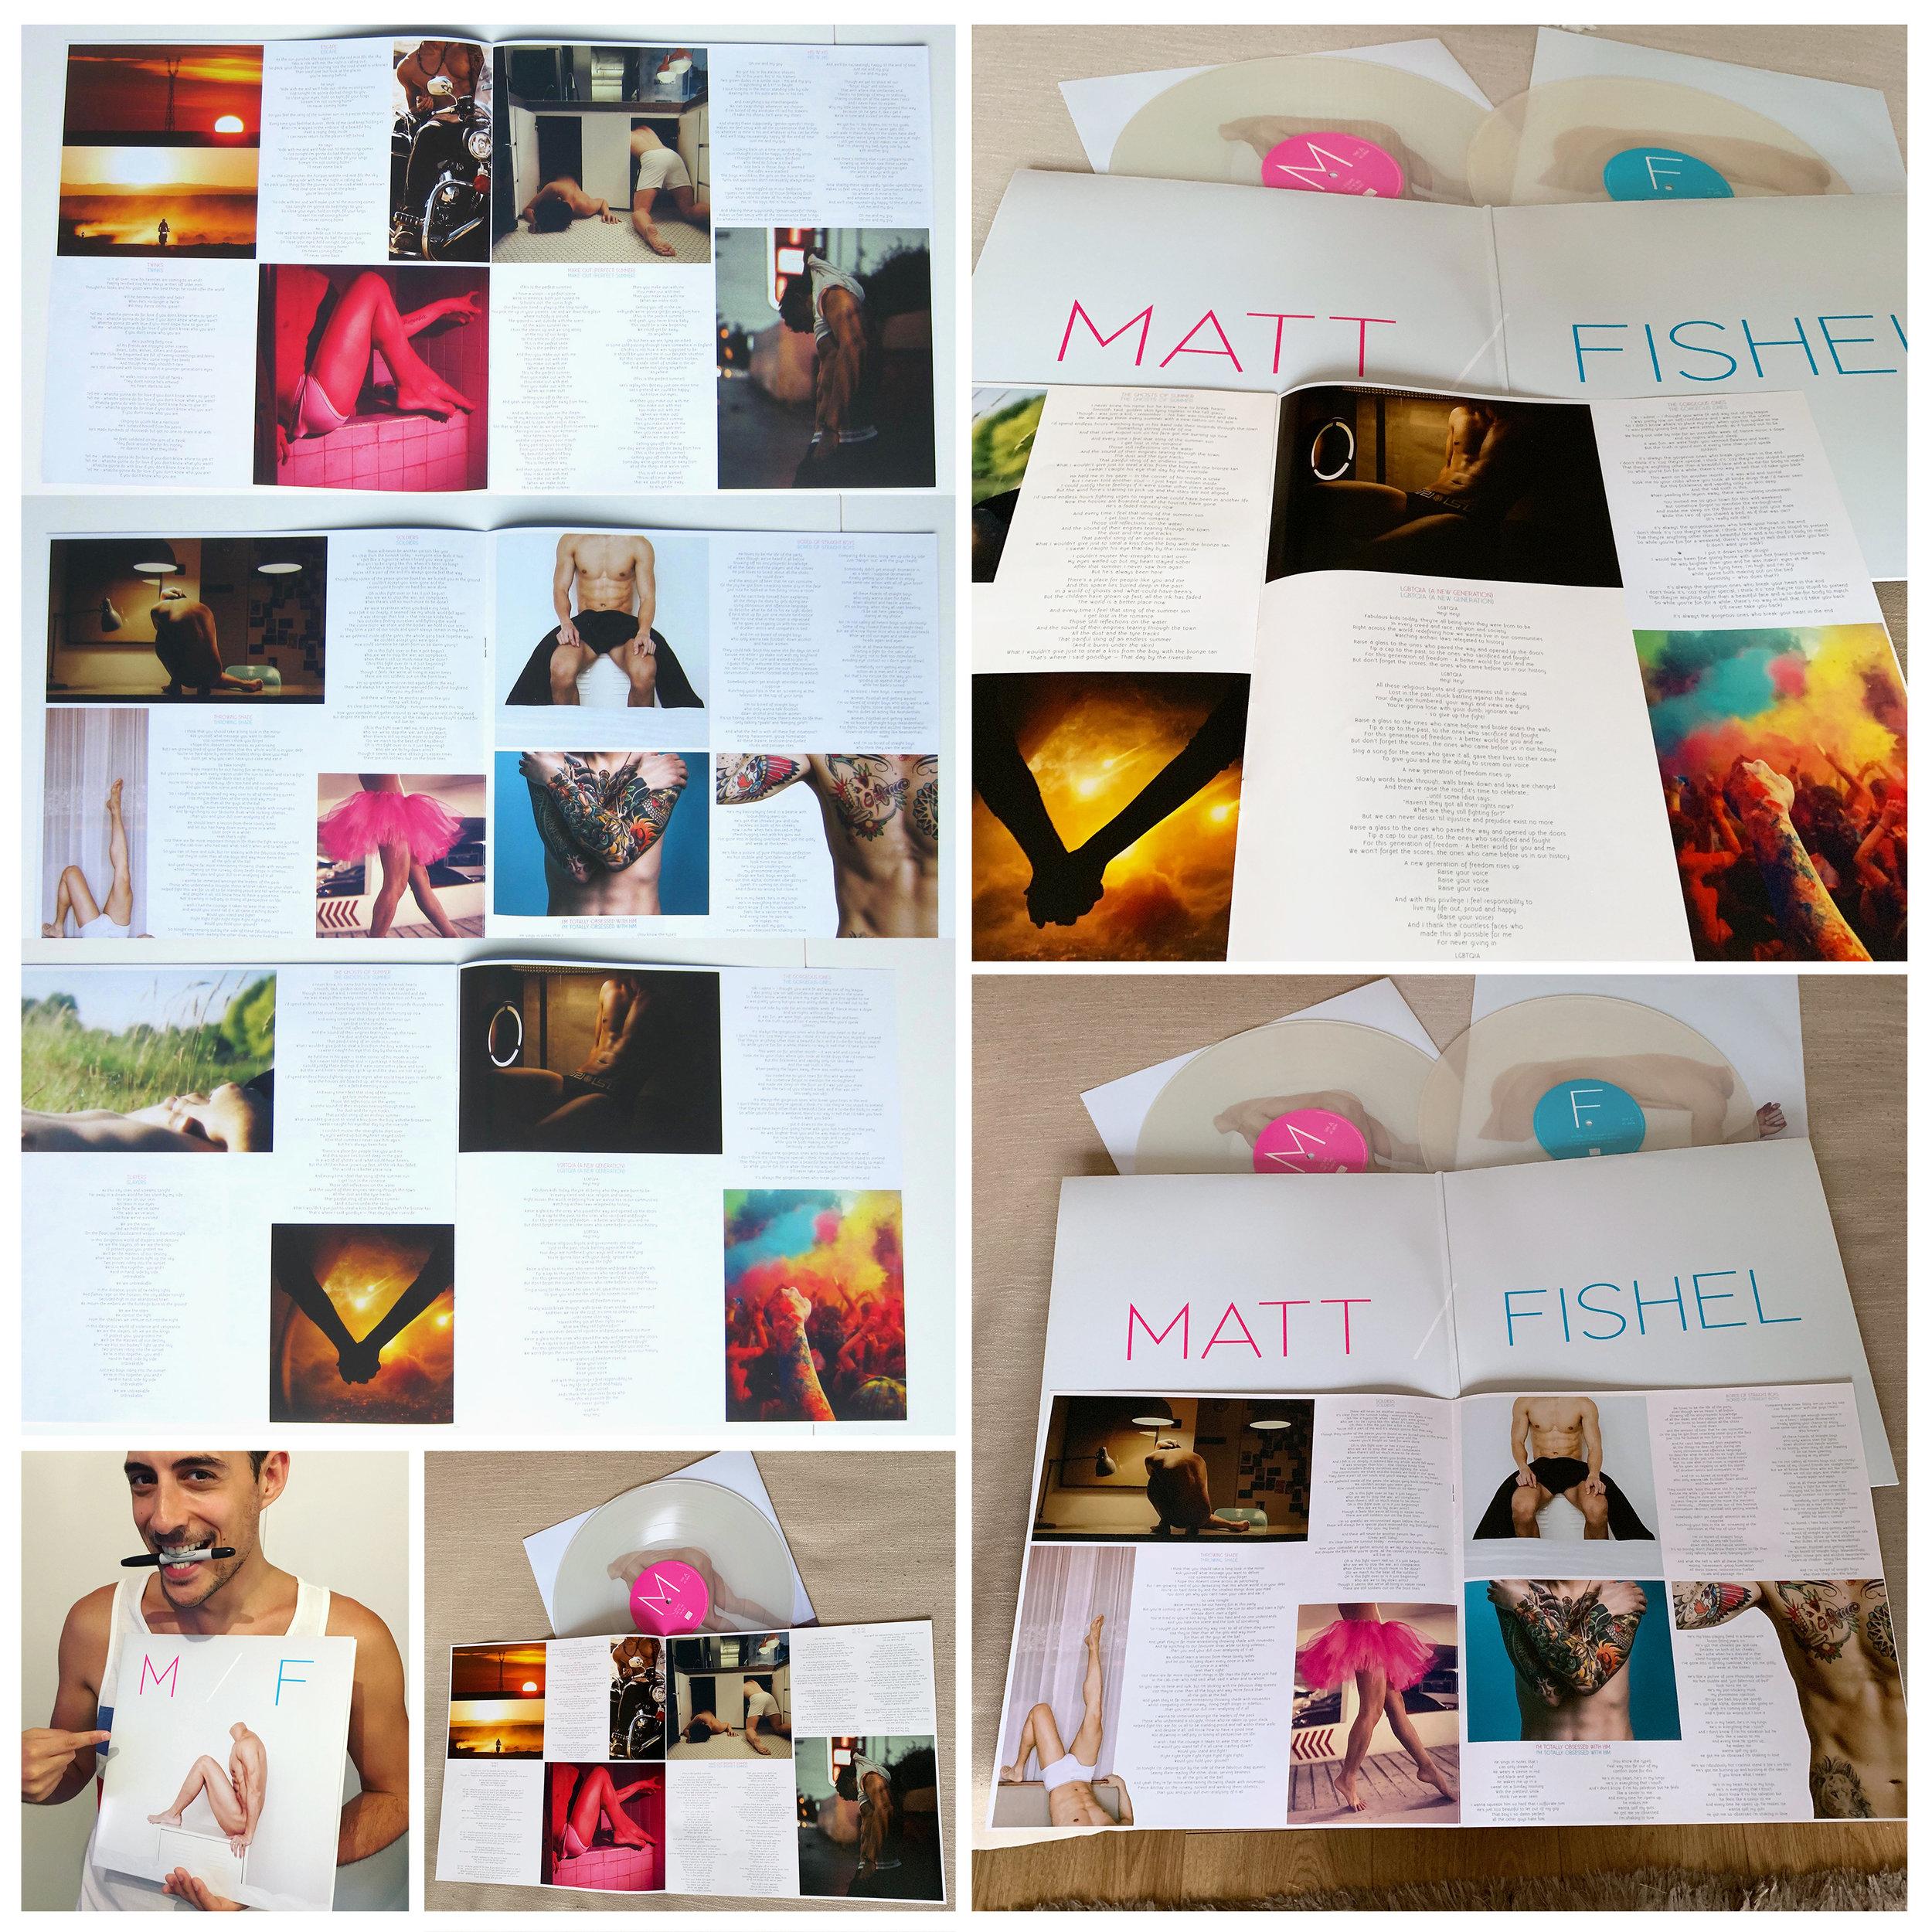 Matt Fishel_MF_Vinyl_Artwork Pics_1.jpg